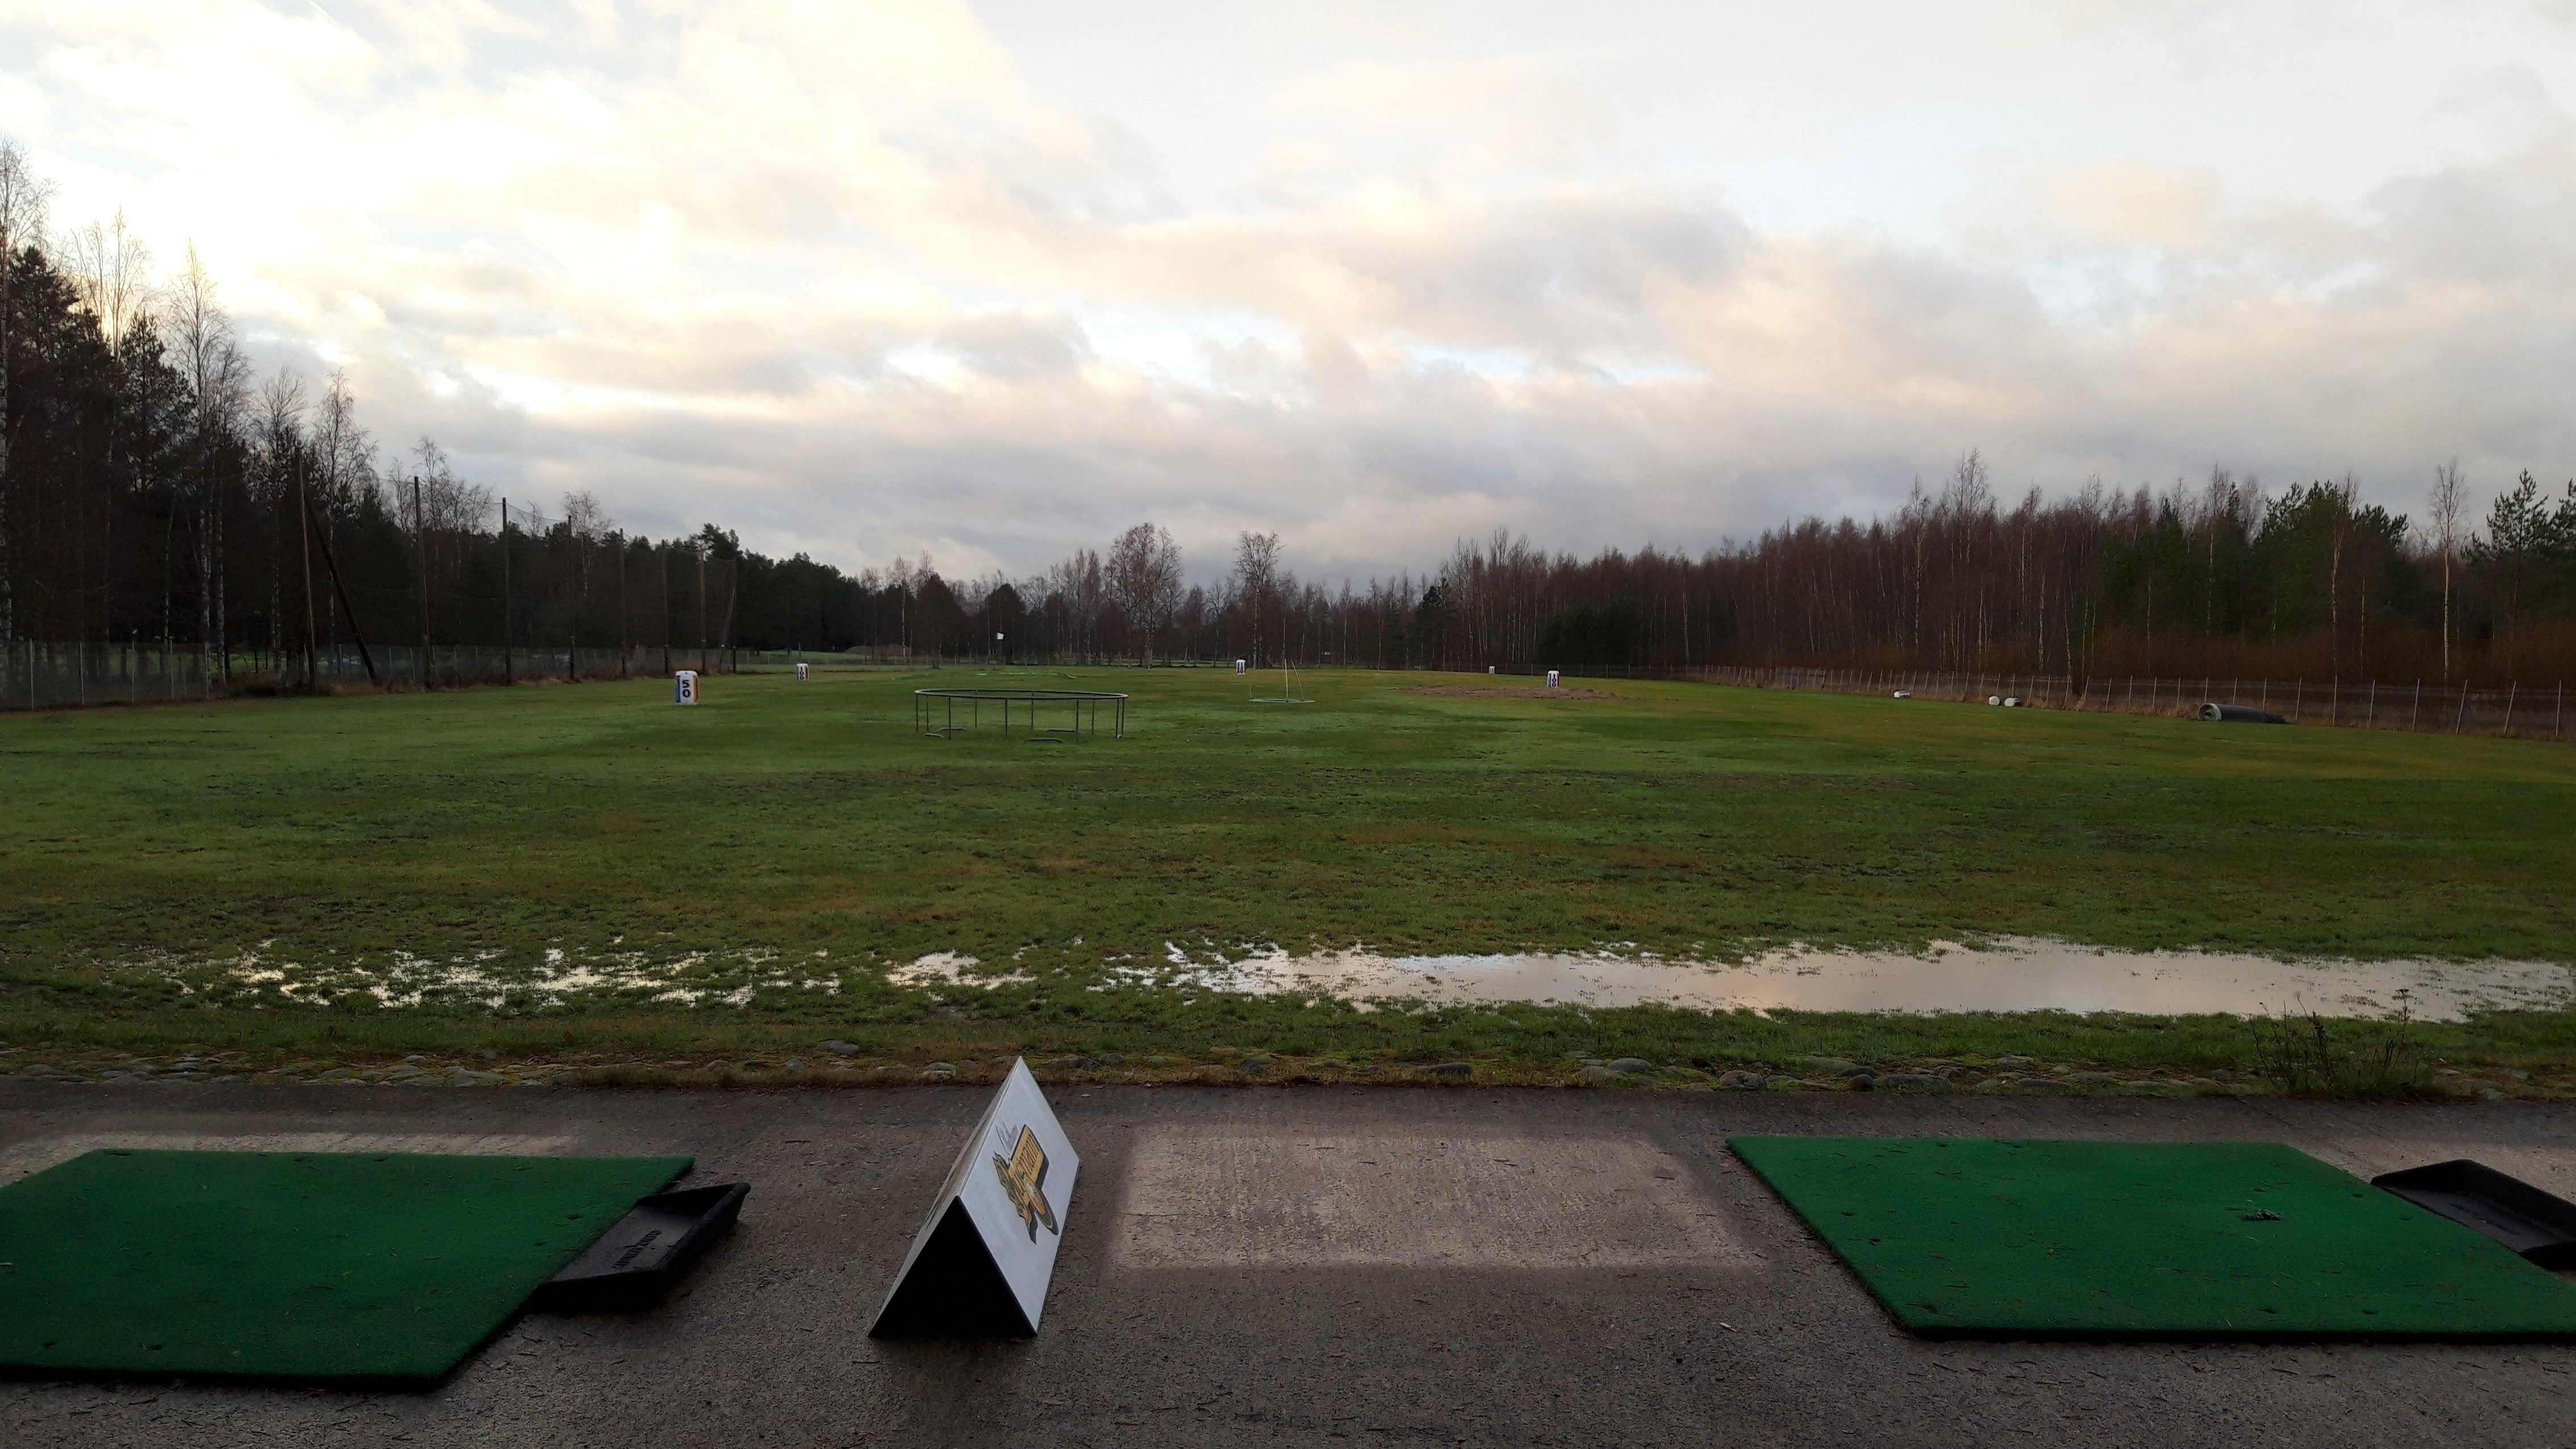 Kokkolan golfkentän lyöntipaikka eli range.